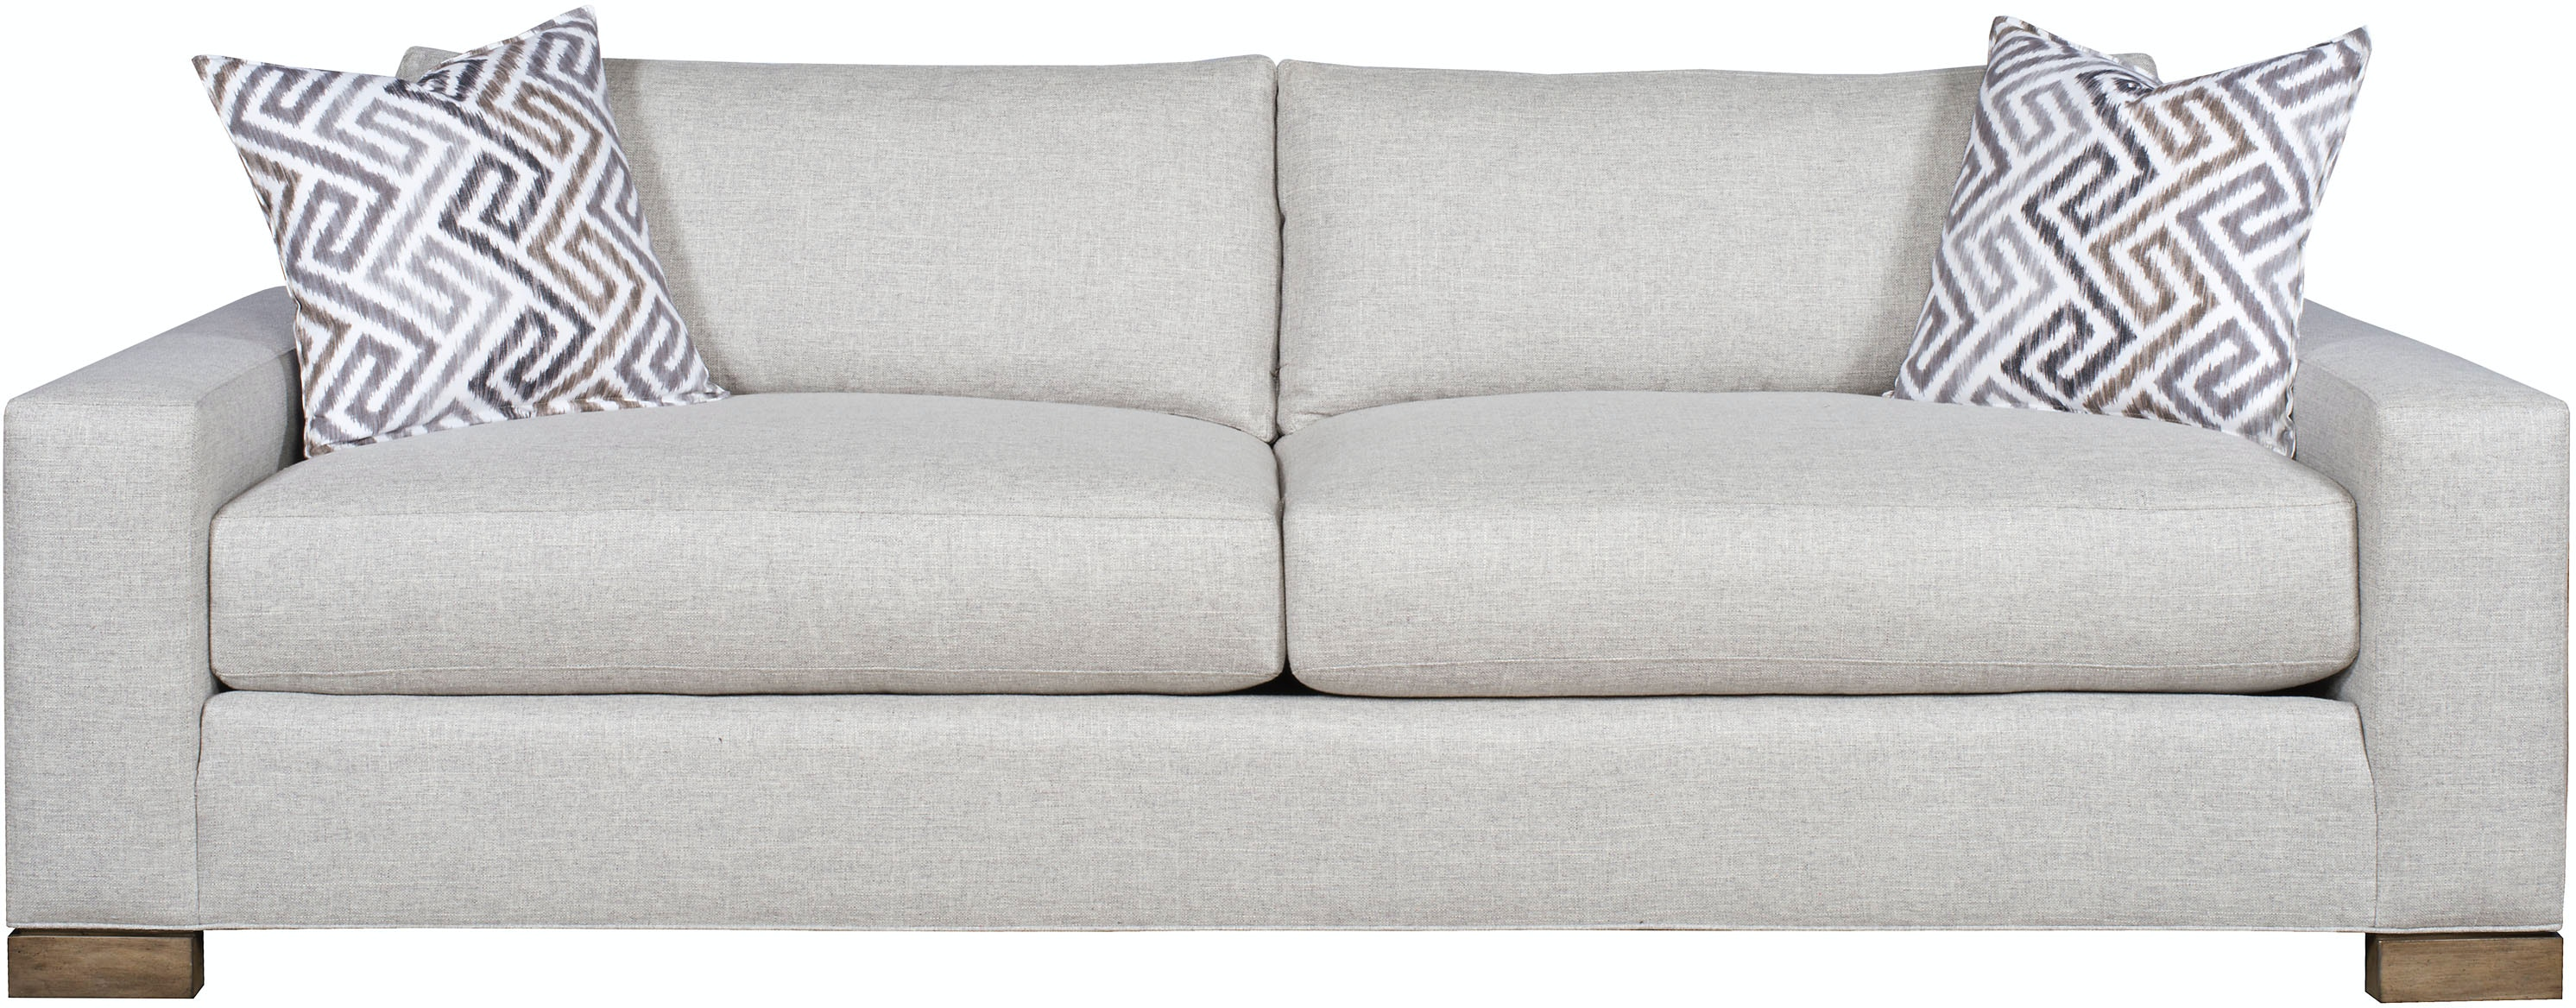 Vanguard Furniture 654 2S Living Room Claremont Sofa